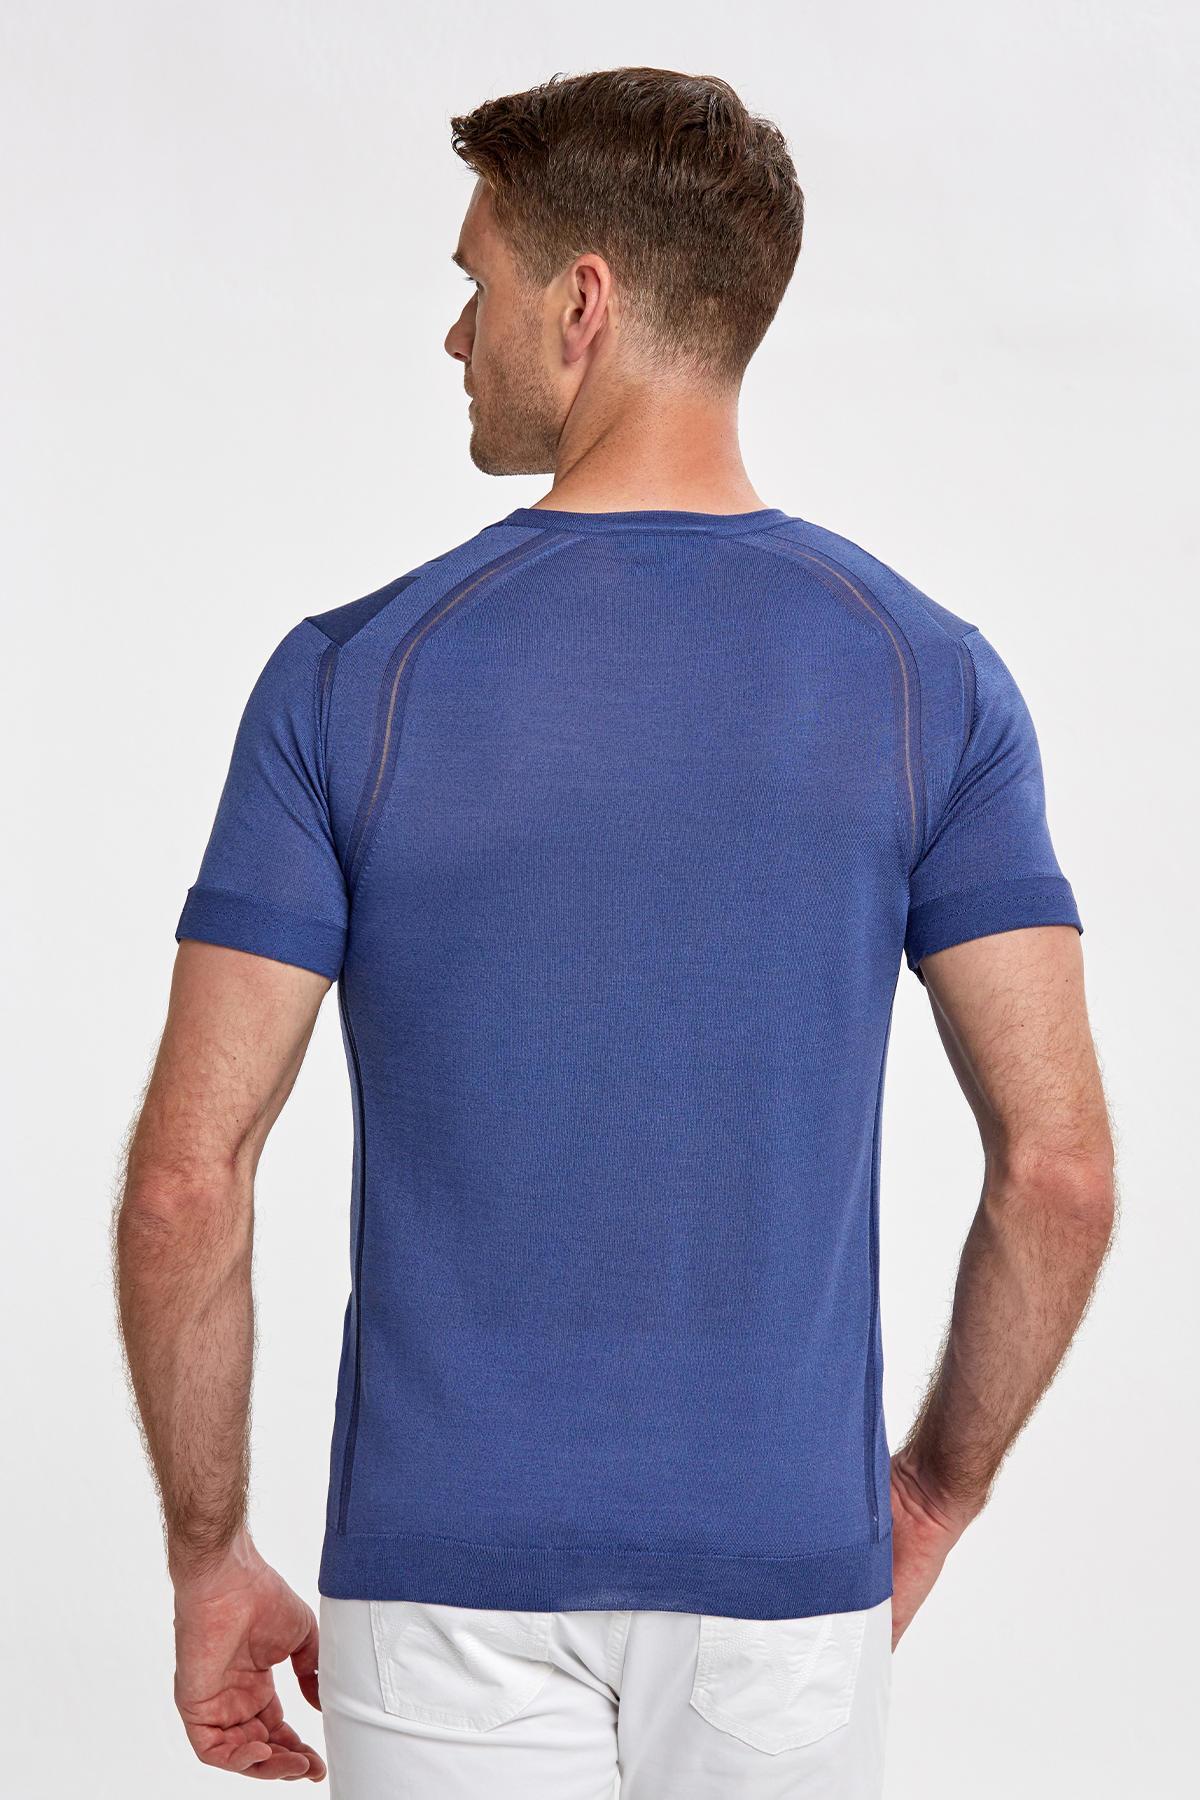 İpek Karışımlı Desenli İndigo Triko T-Shirt